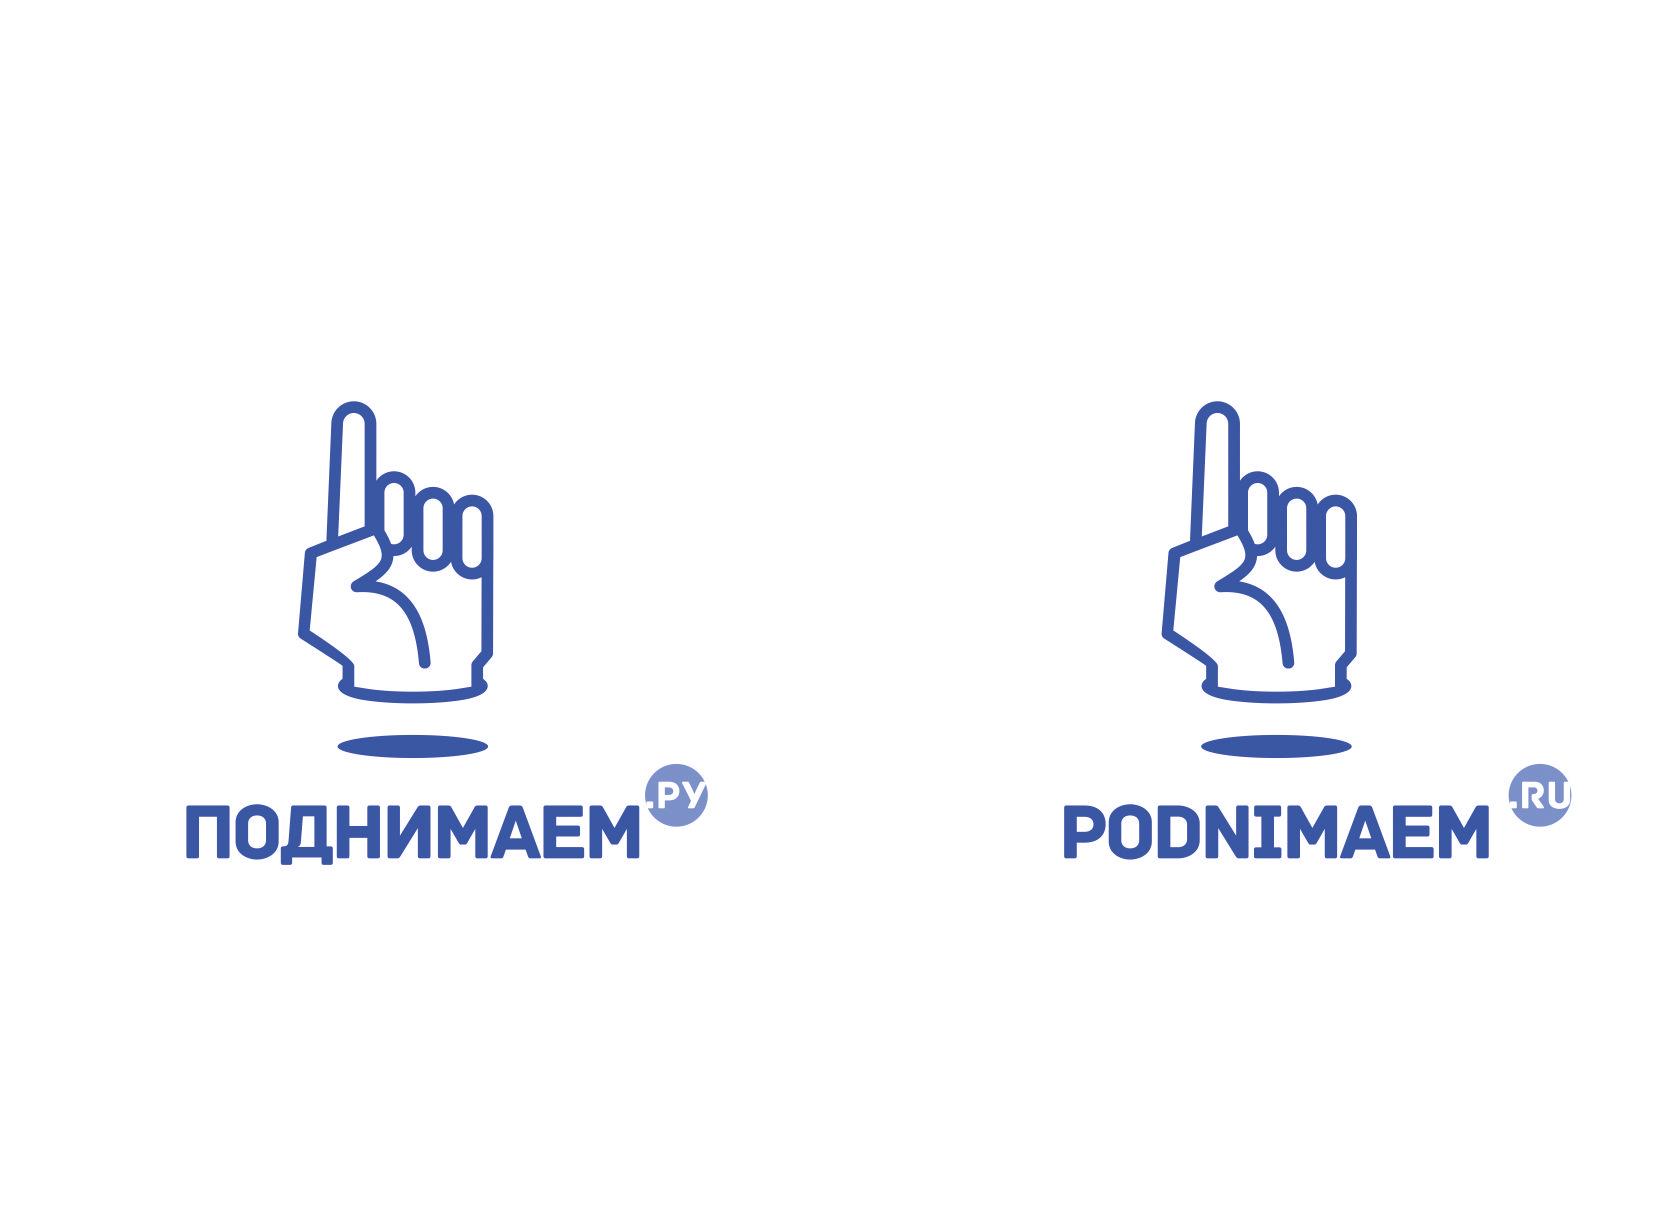 Разработать логотип + визитку + логотип для печати ООО +++ фото f_21955472f8a490ac.jpg